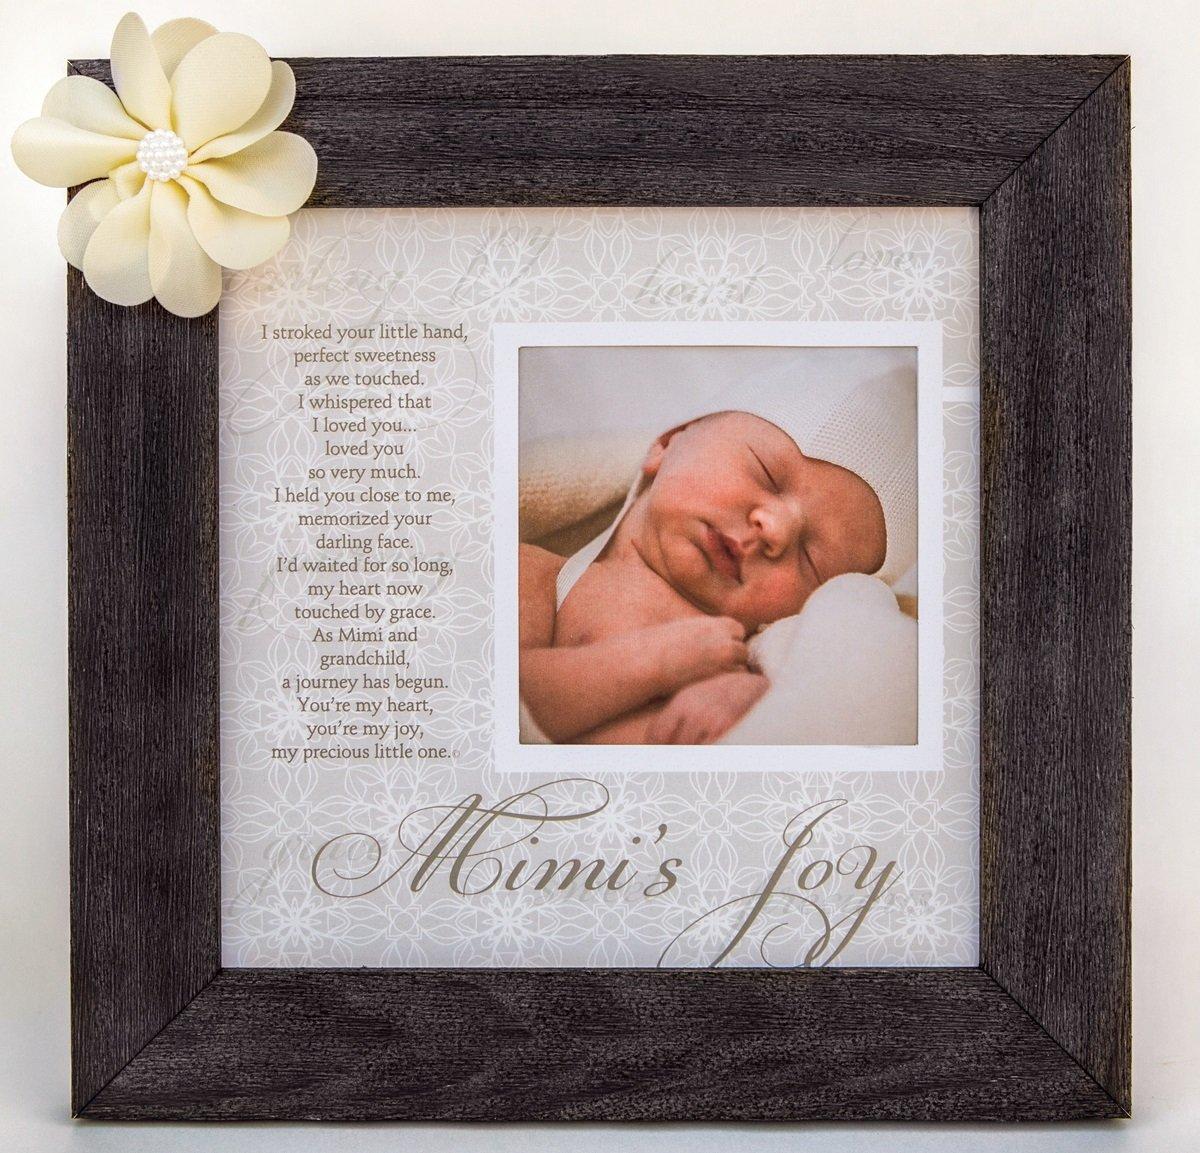 Amazoncom Mimis Joy Picture Frame With Poetry Barnwood 8 X 8